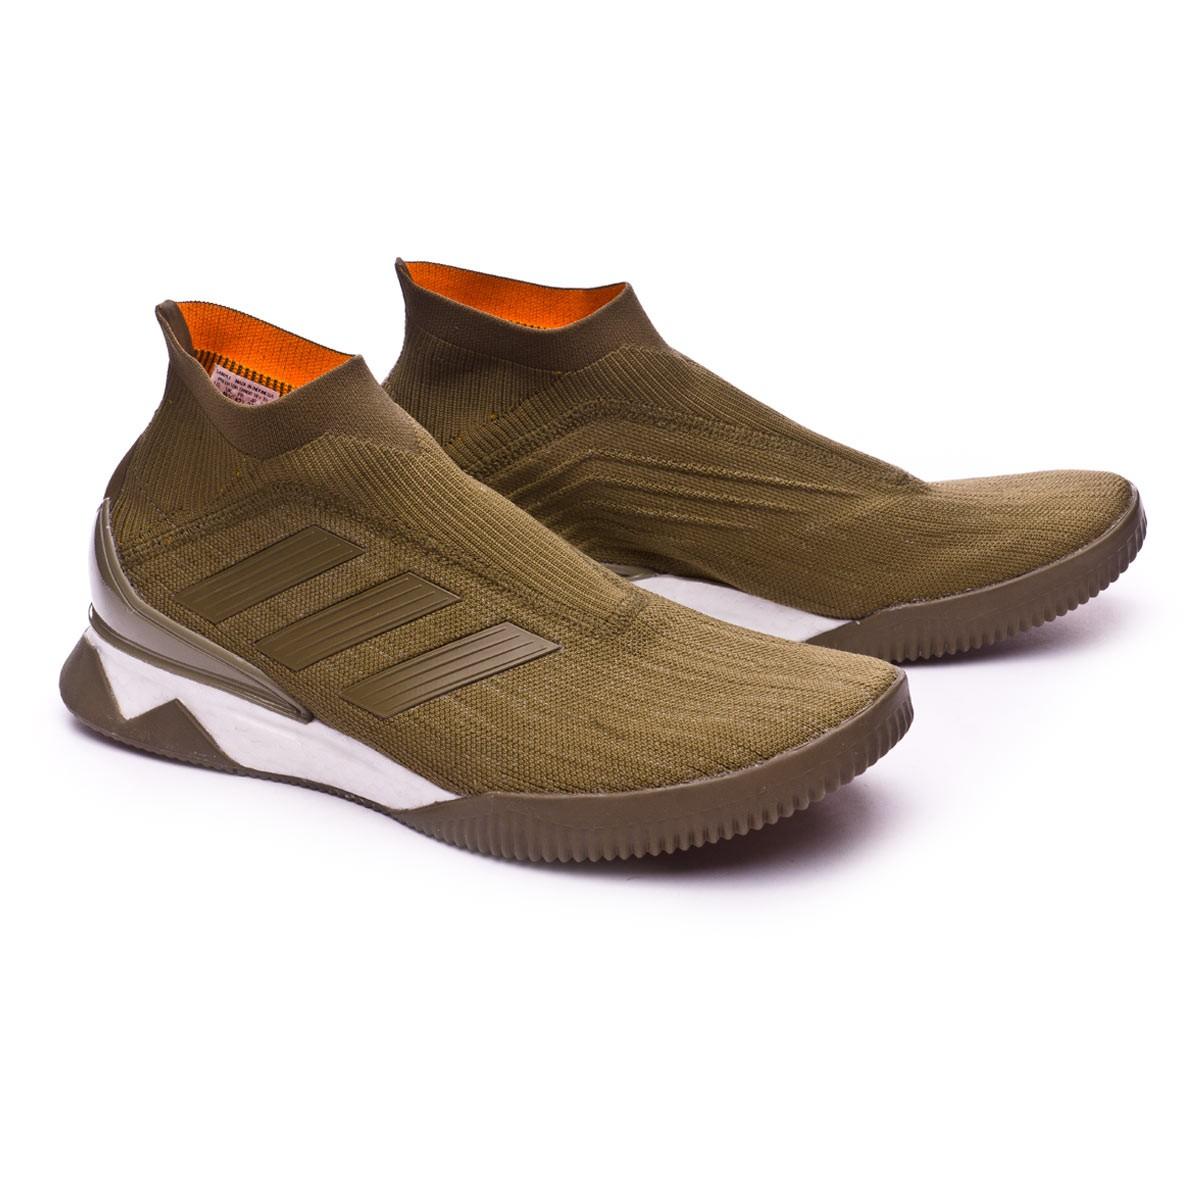 Scarpe Adidas Predator Tango 18 + Brillante Tr Ultraboost Traccia Oliva Brillante + b46389